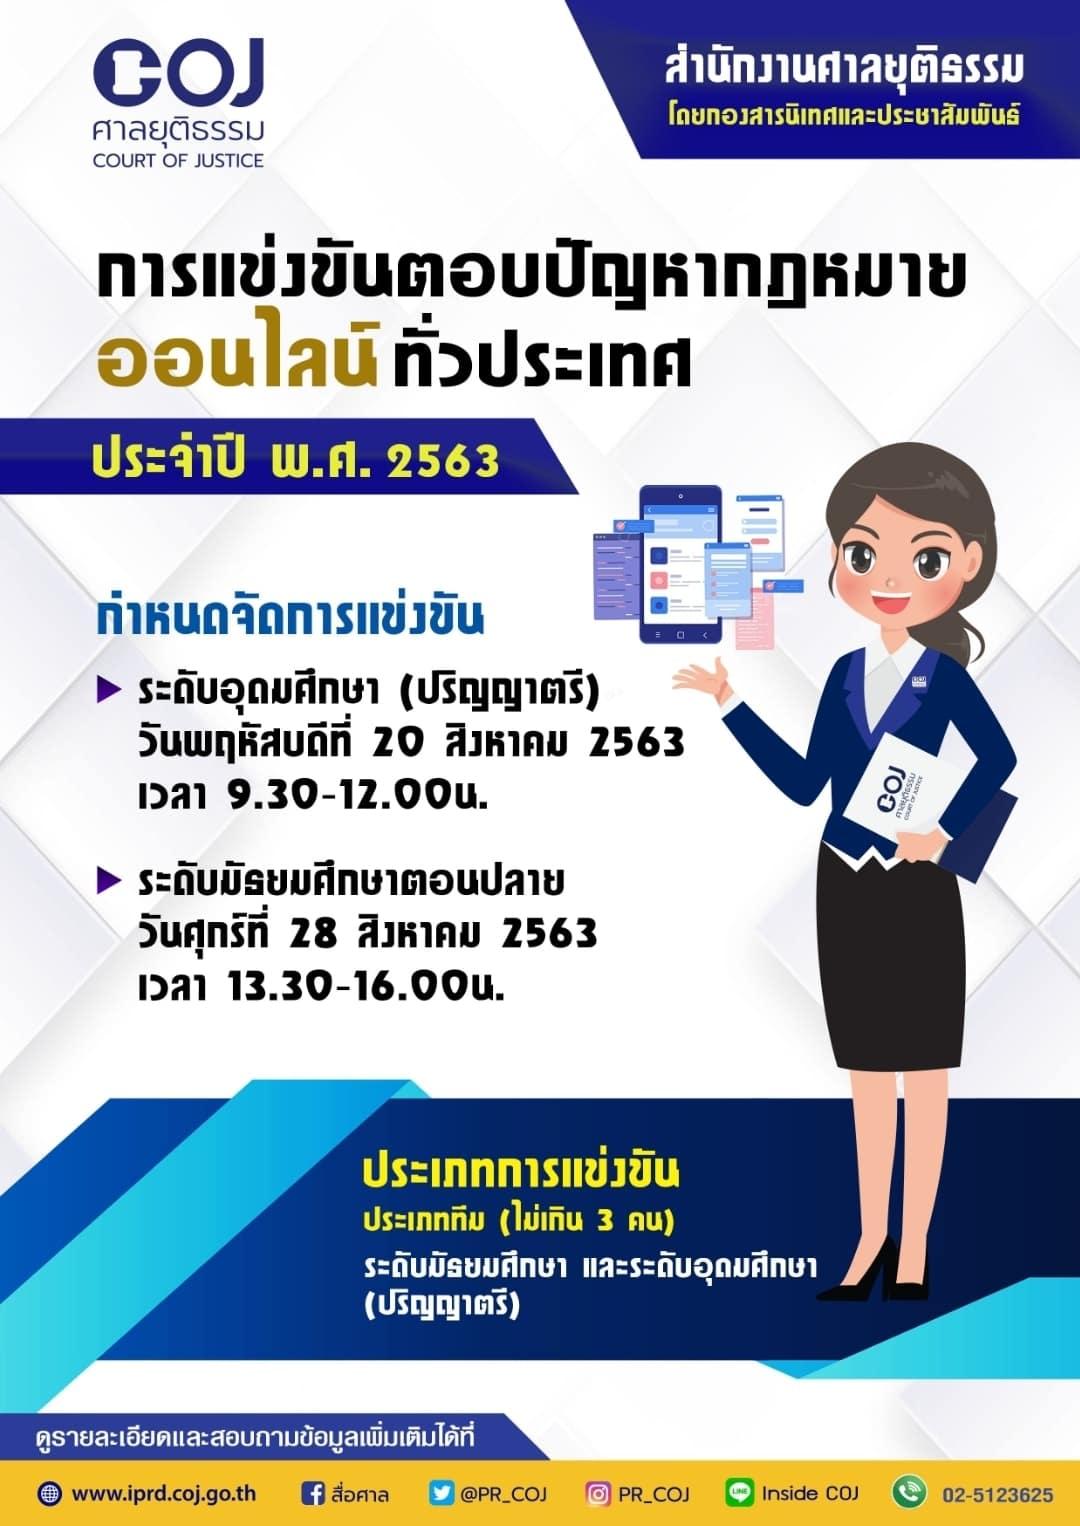 การแข่งขันตอบปัญหากฎหมายทั่วประเทศฯ เนื่องในวันรพี พ.ศ. 2563การแข่งขันตอบปัญหากฎหมายทั่วประเทศฯ เนื่องในวันรพี พ.ศ. 2563